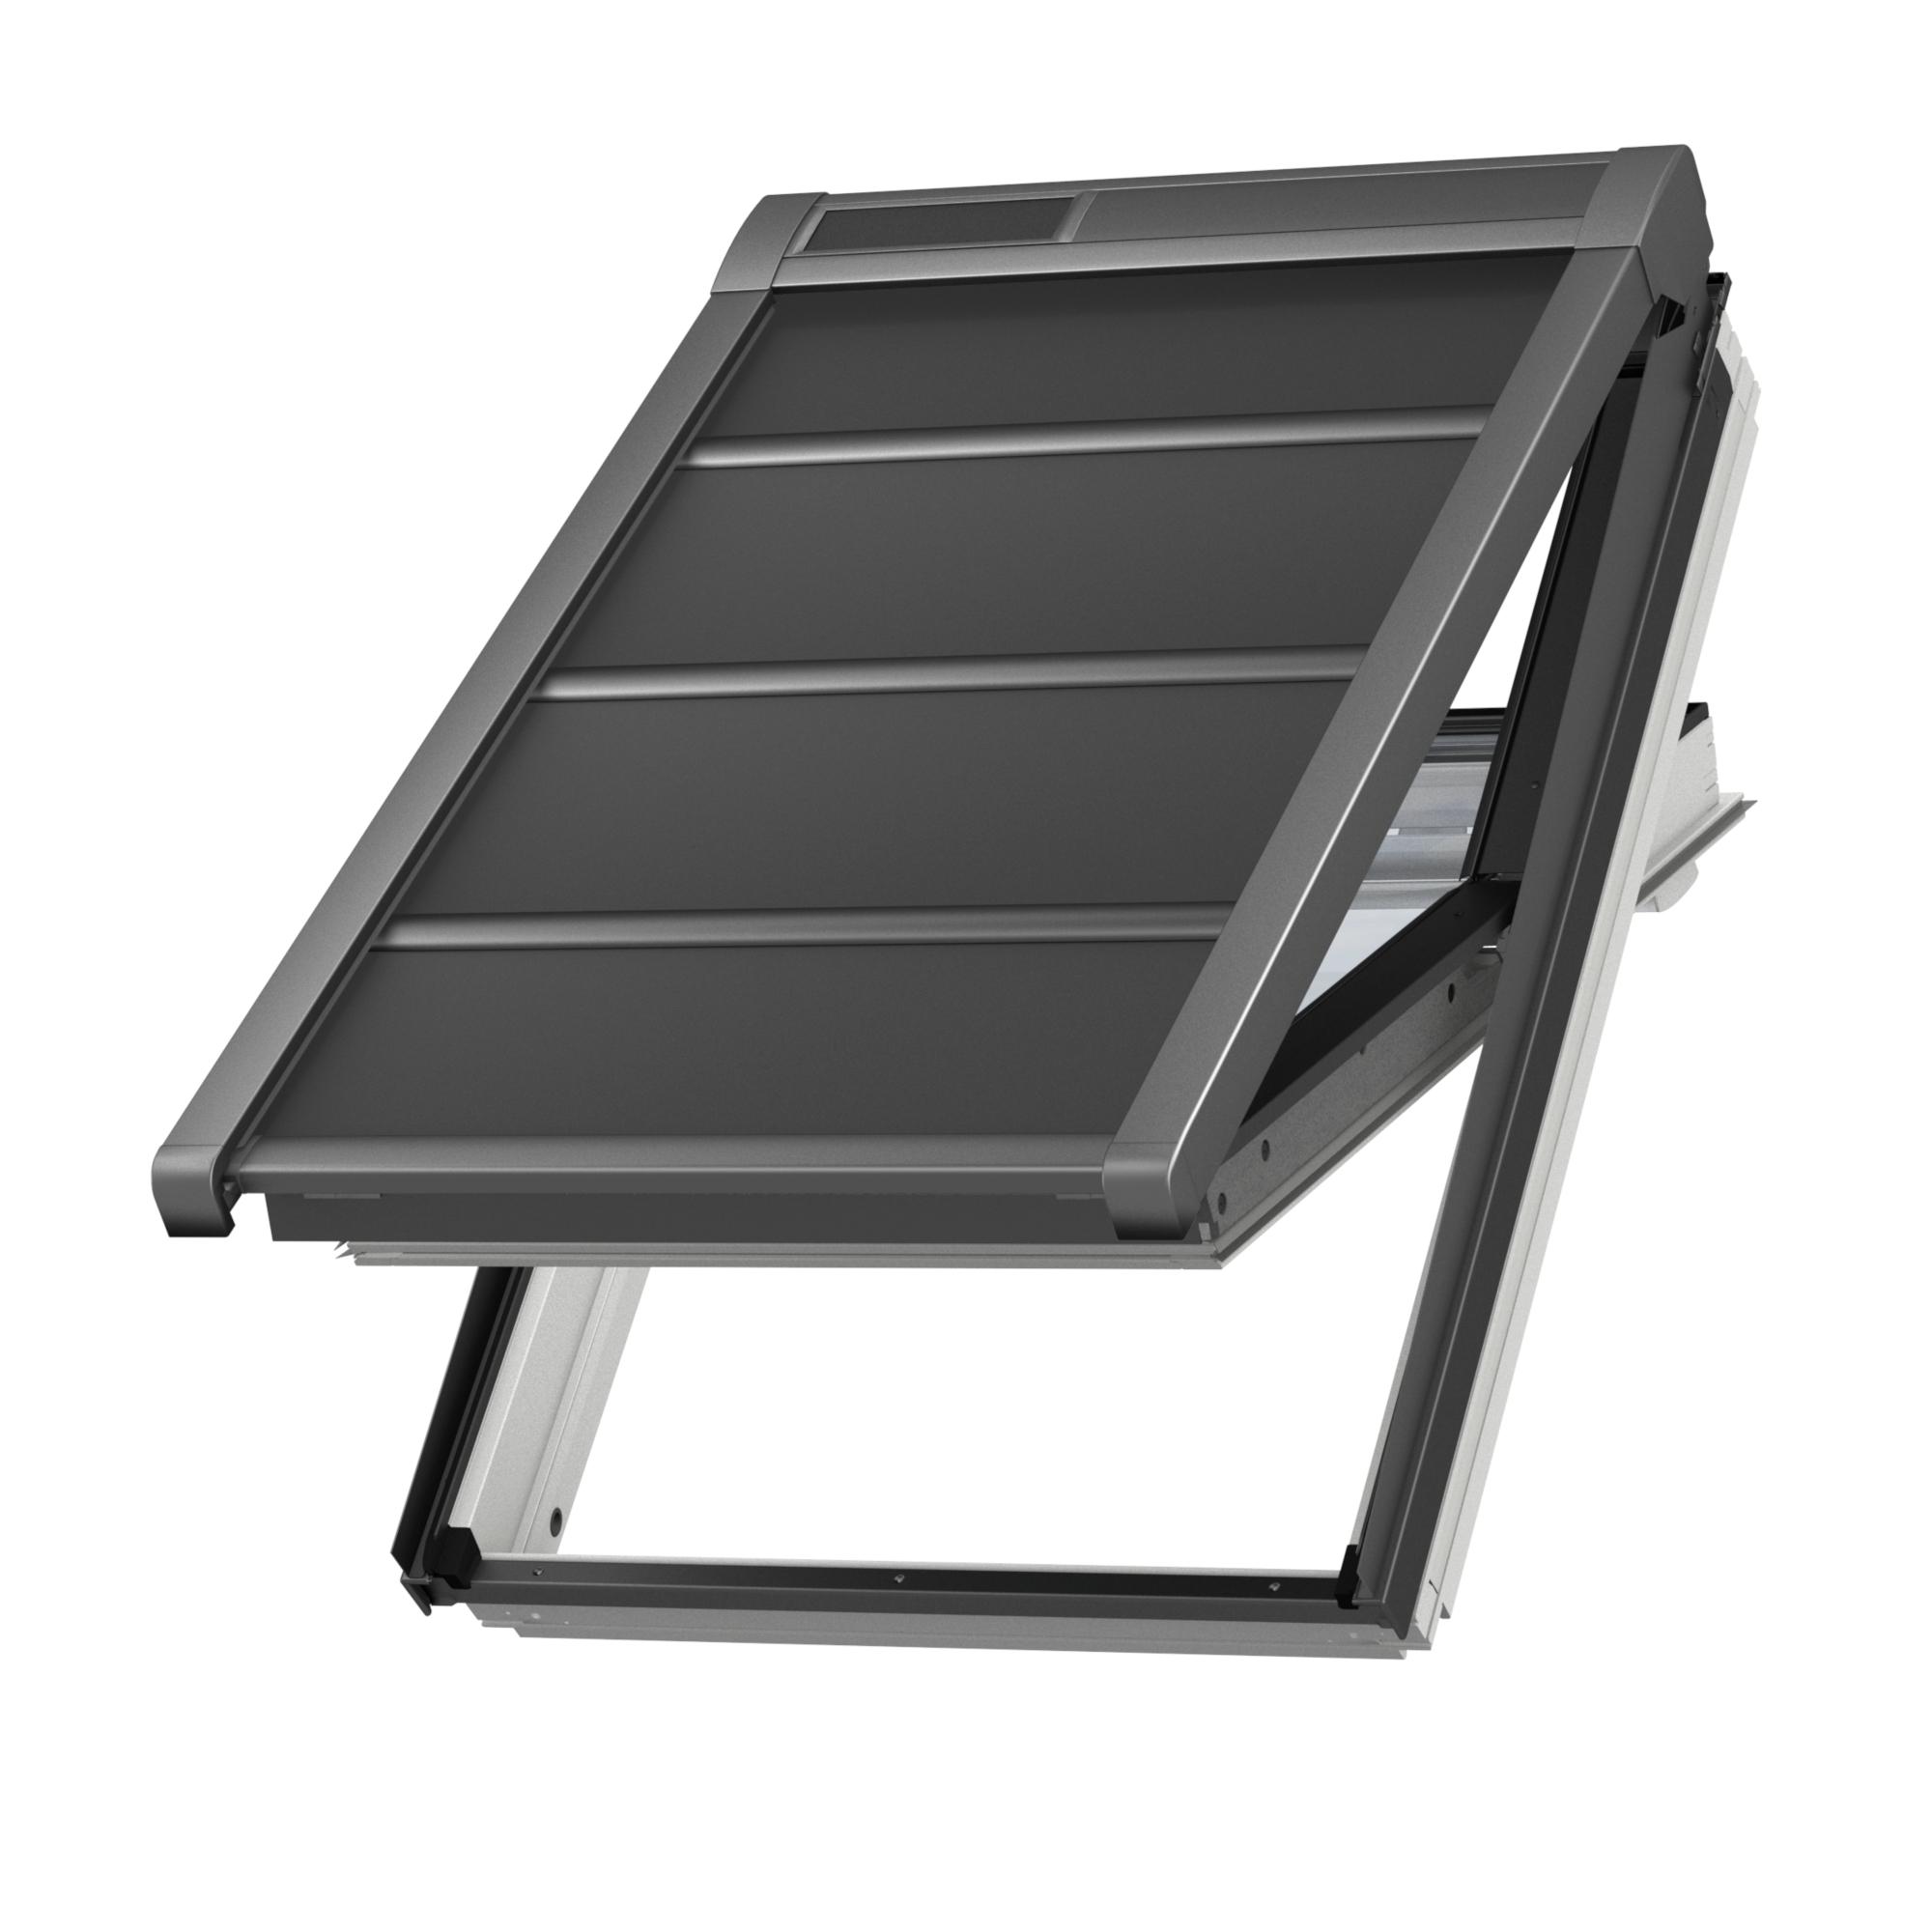 Roleta venkovní lehká Velux SSS na solární pohon MK04